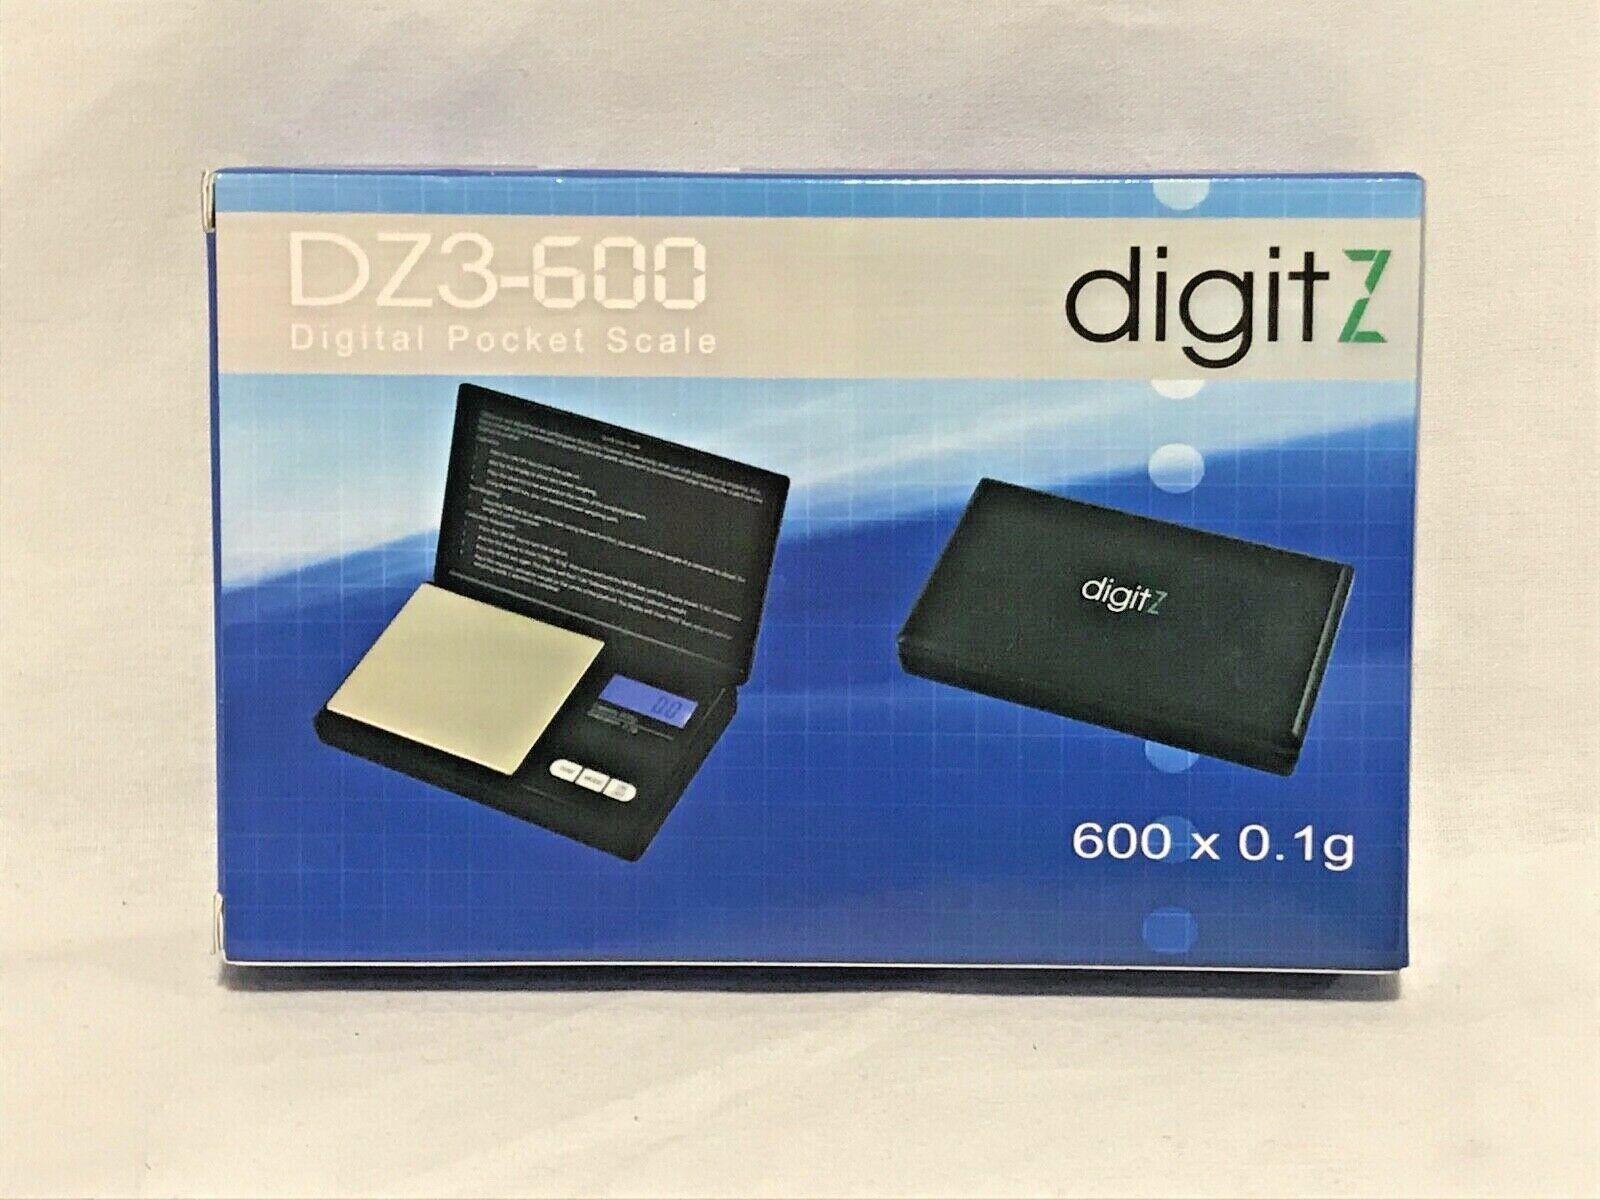 Digit Z DZ3-600 Digital Pocket Scale 600 X 0.1g - NEW - FREE SHIPPING - $9.95